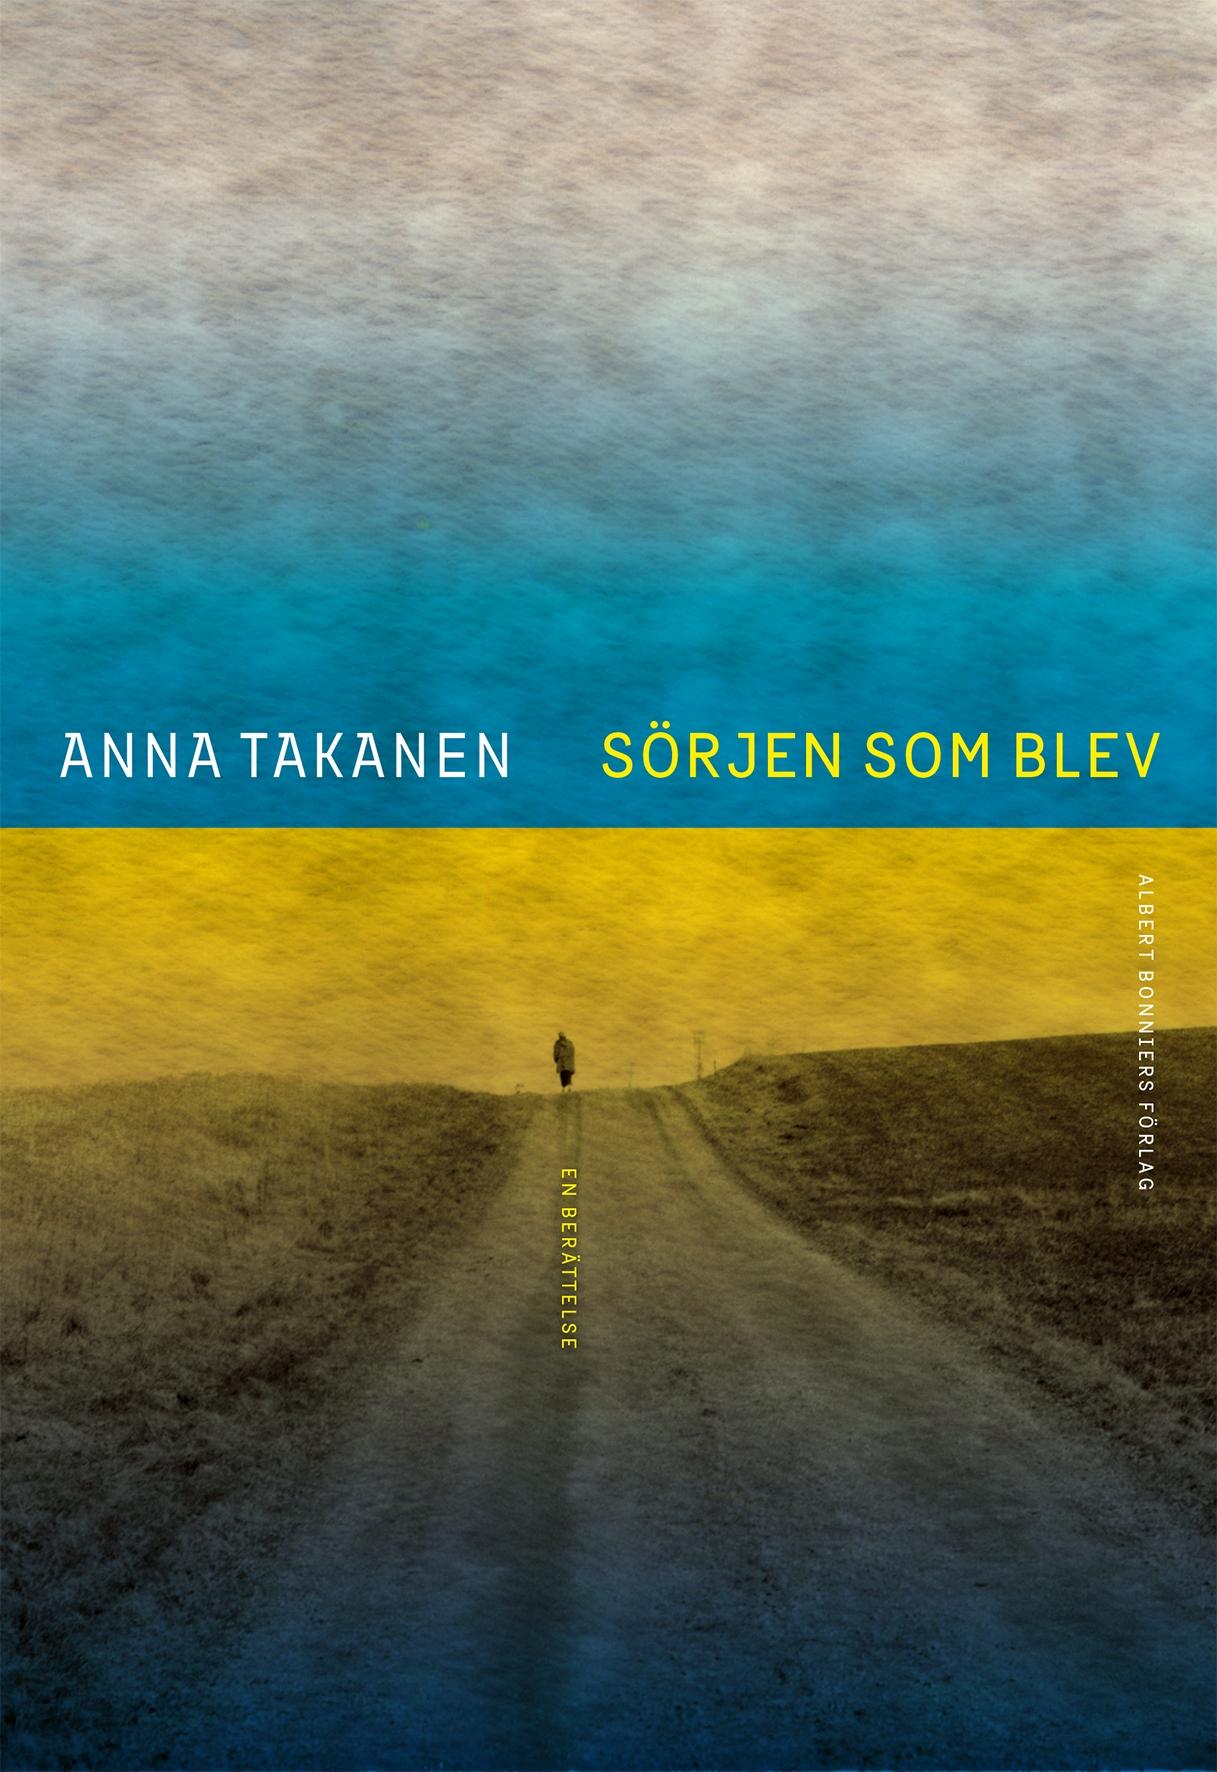 Anna Takanen: 'Sörjen som blev'